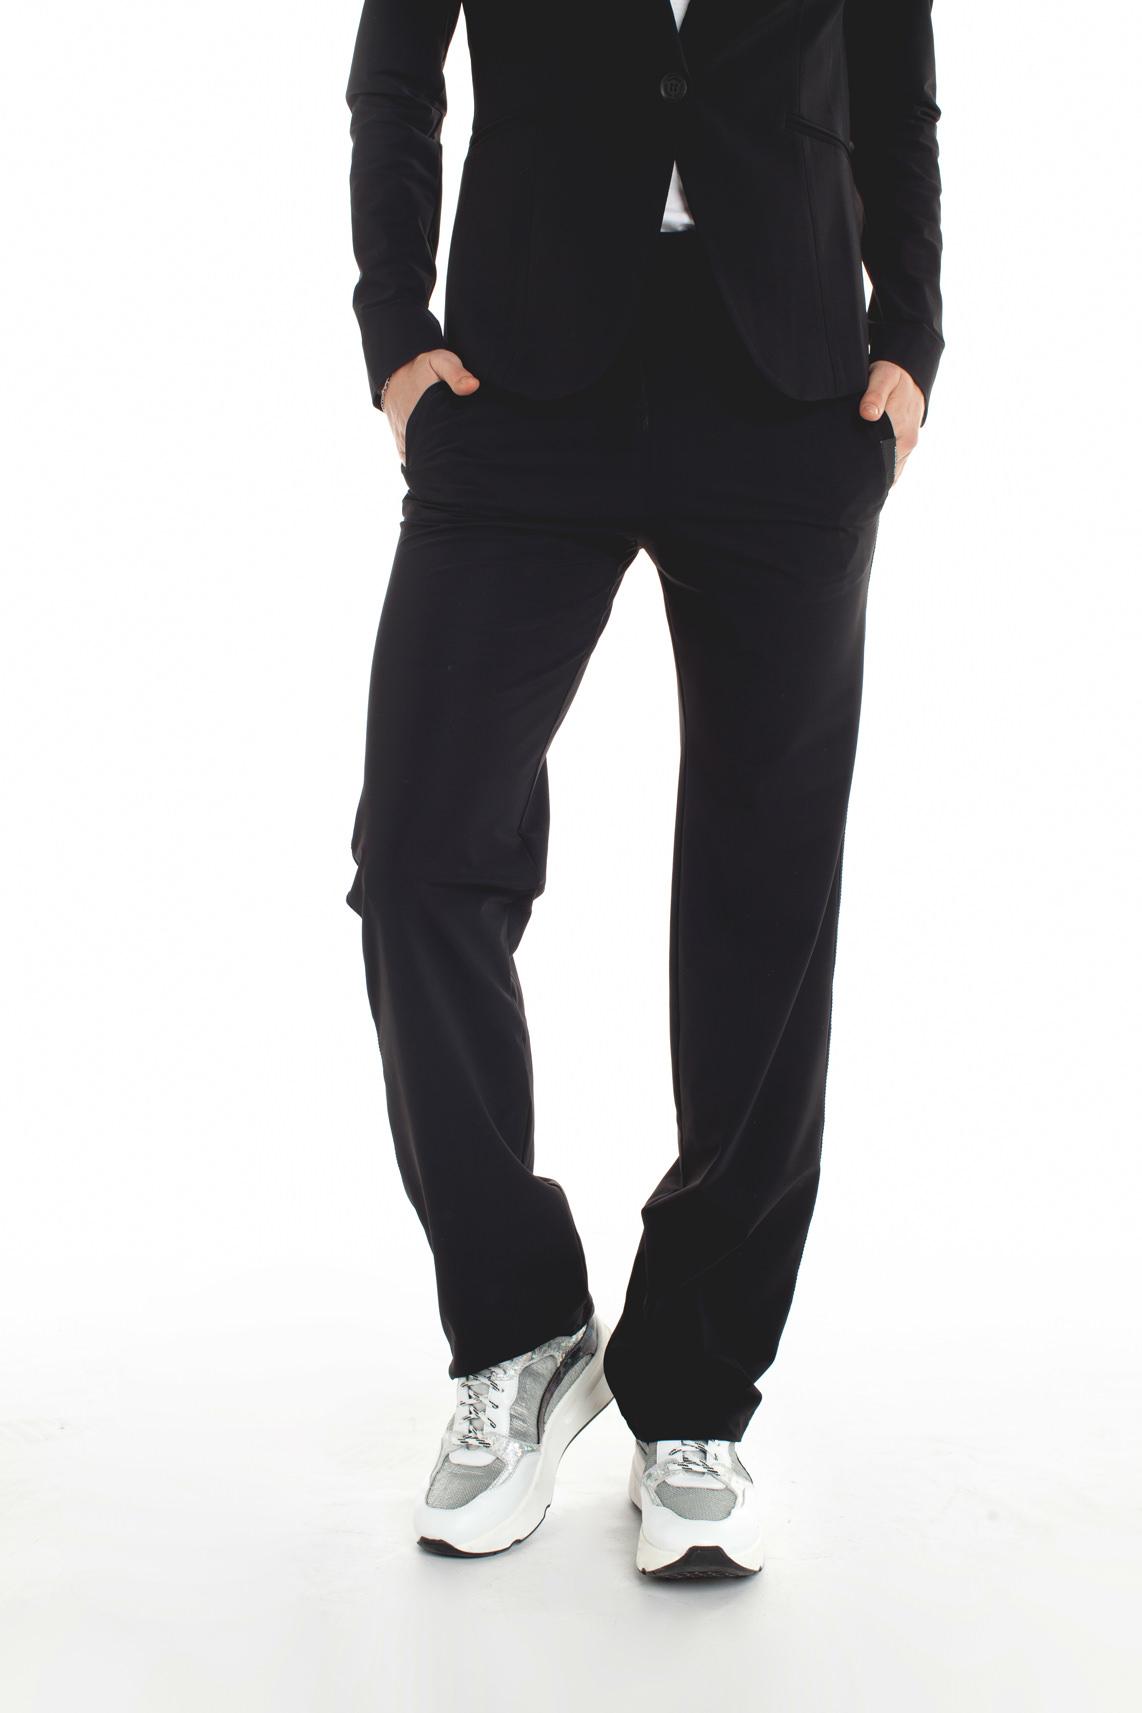 Penn & Ink Dames Jersey broek zwart